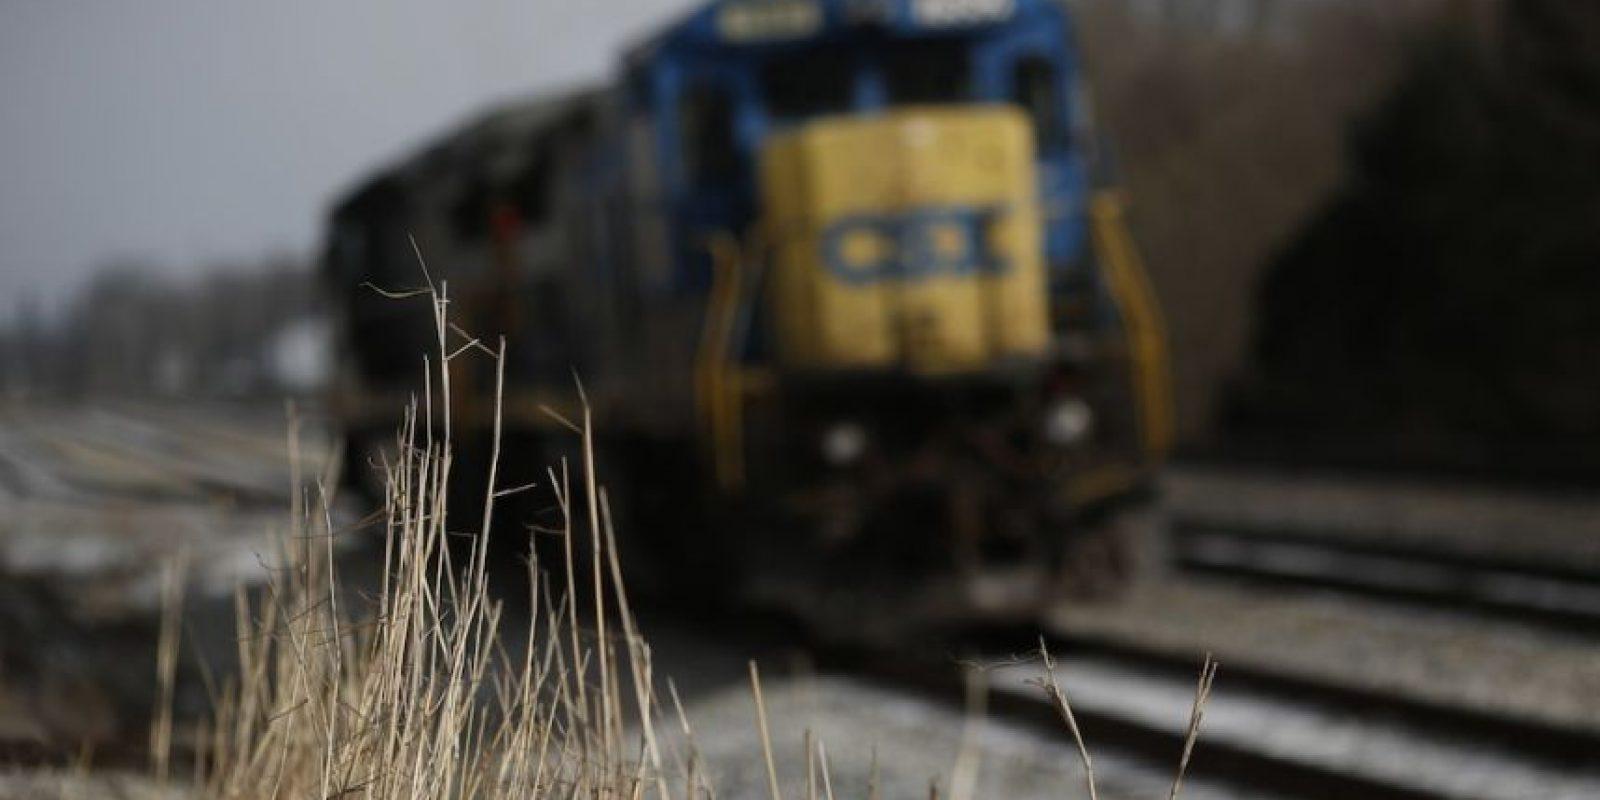 Un grupo de universitarios deseaban estar tan cerca del tren como fuera posible. Foto:Getty Images